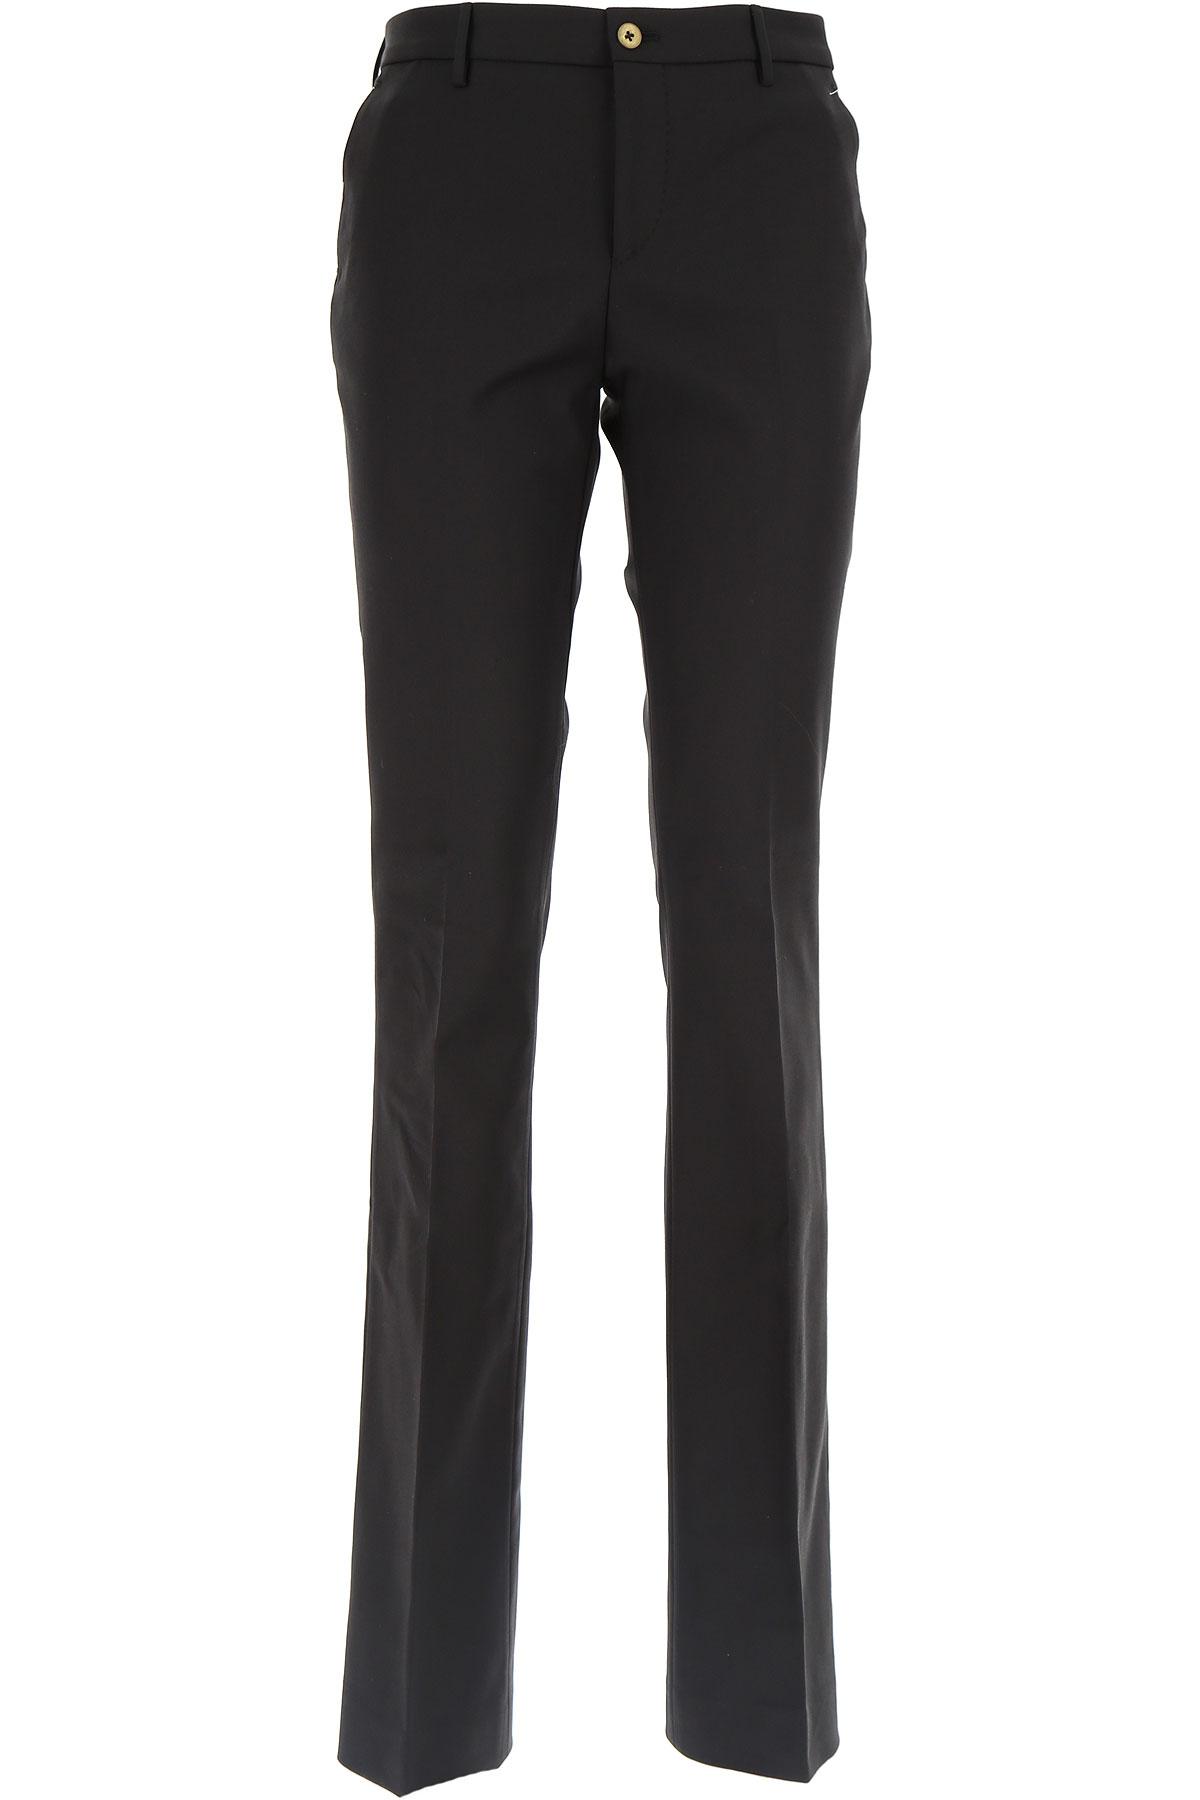 PT01 Pantalon Femme Pas cher en Soldes, Noir, Coton, 2019, 44 46